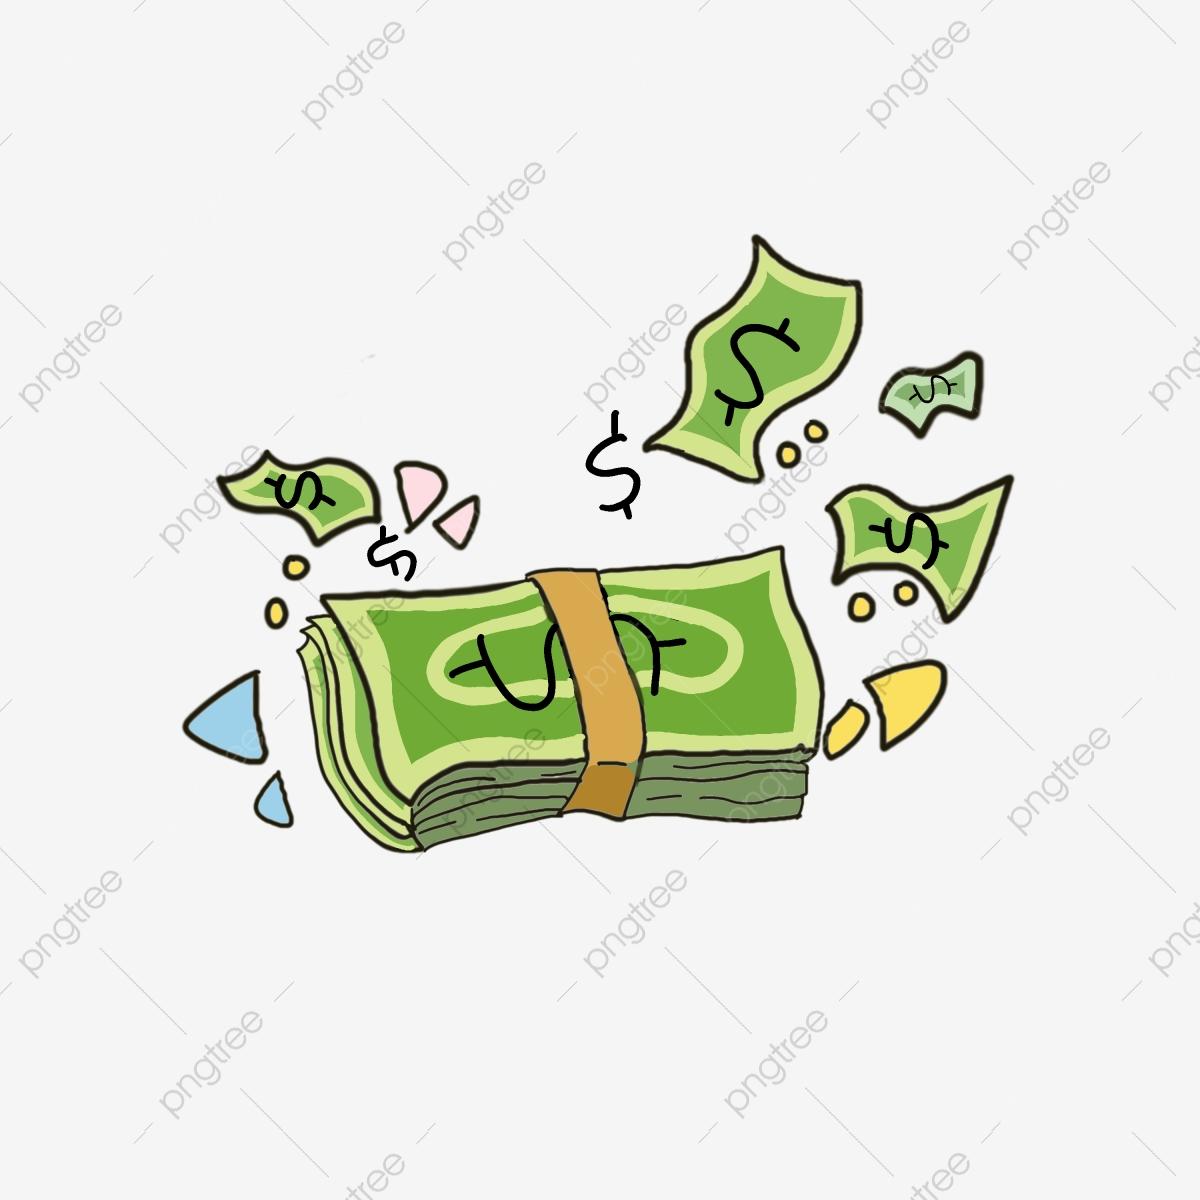 Ý tưởng Có 120 triệu nên kinh doanh gì kiếm tiền hiệu quảÝ tưởng Có 120 triệu nên kinh doanh gì kiếm tiền hiệu quả